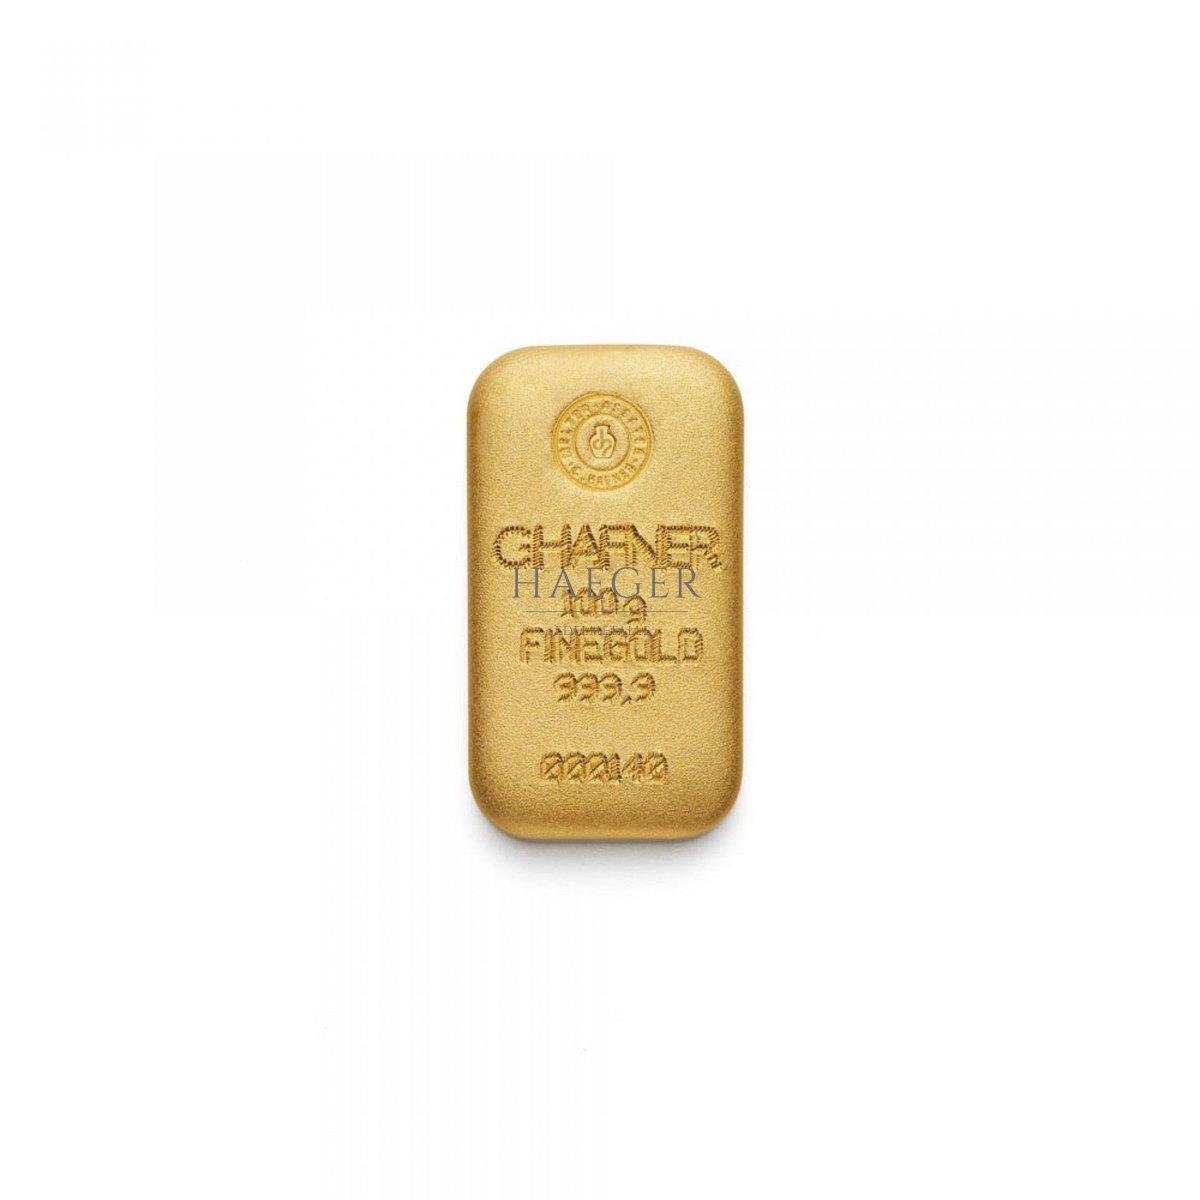 100g Goldbarren Hafner Guss c